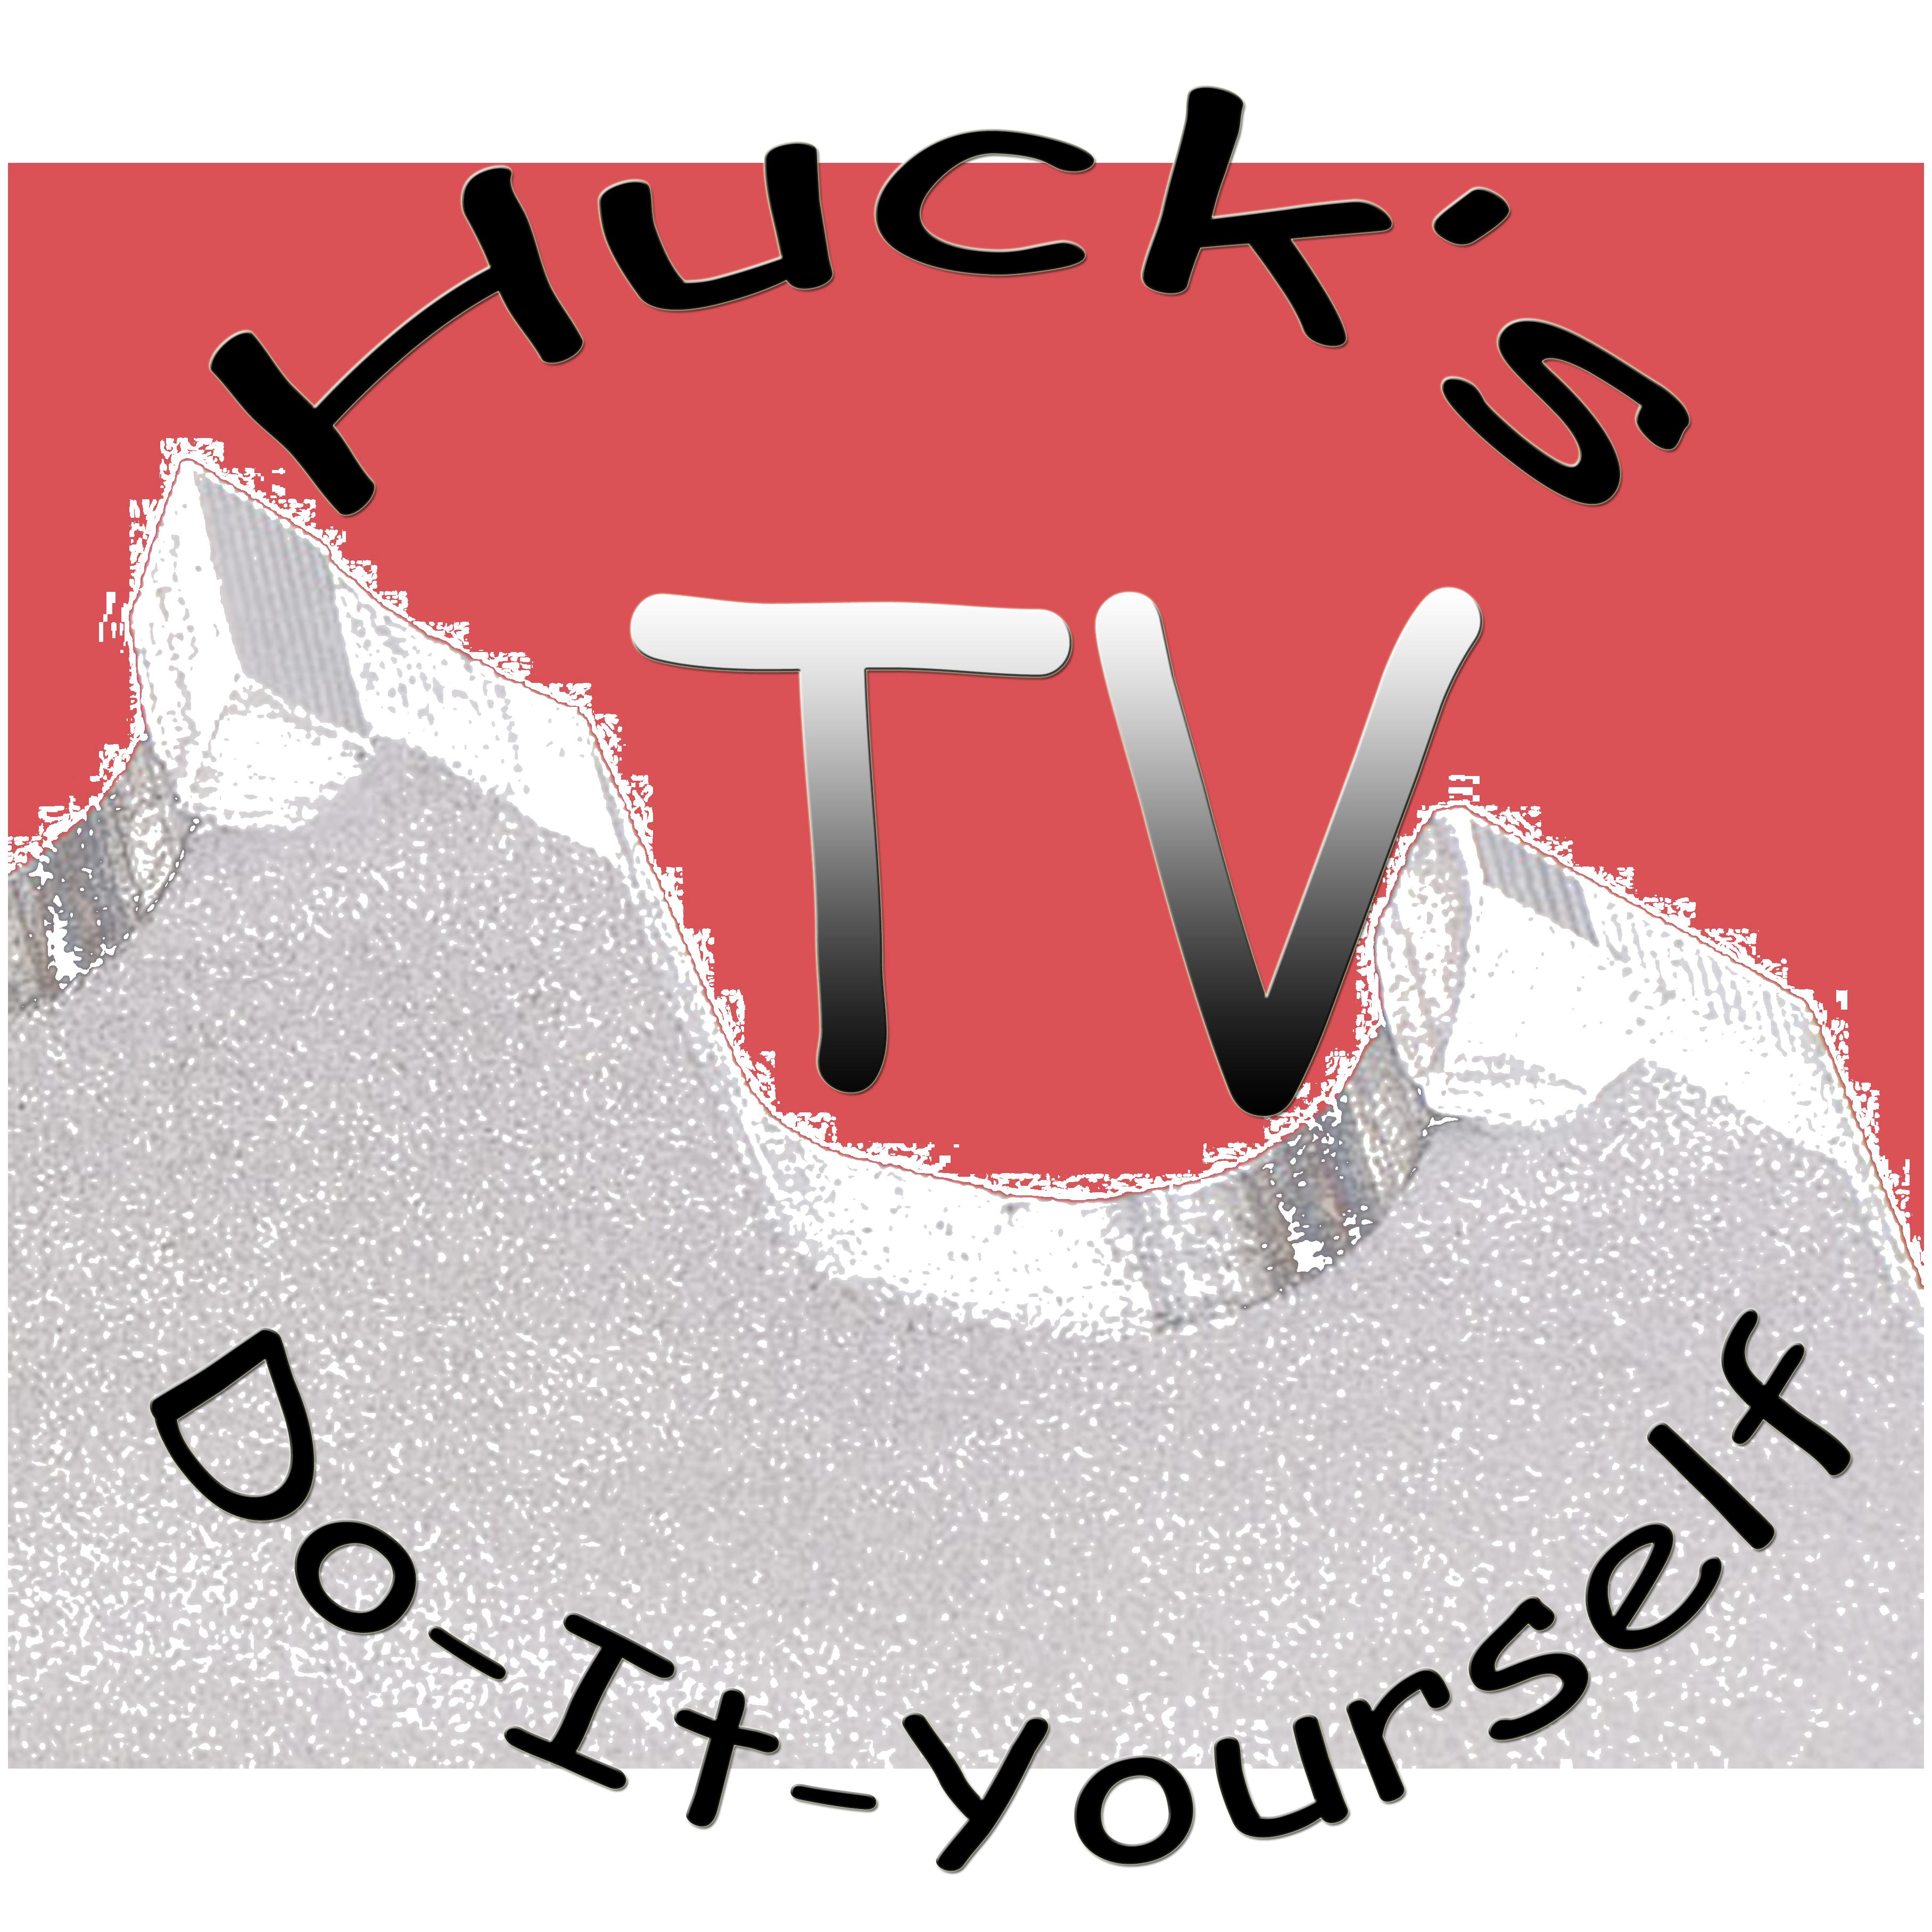 Hucks DIY- High Gloss Finish